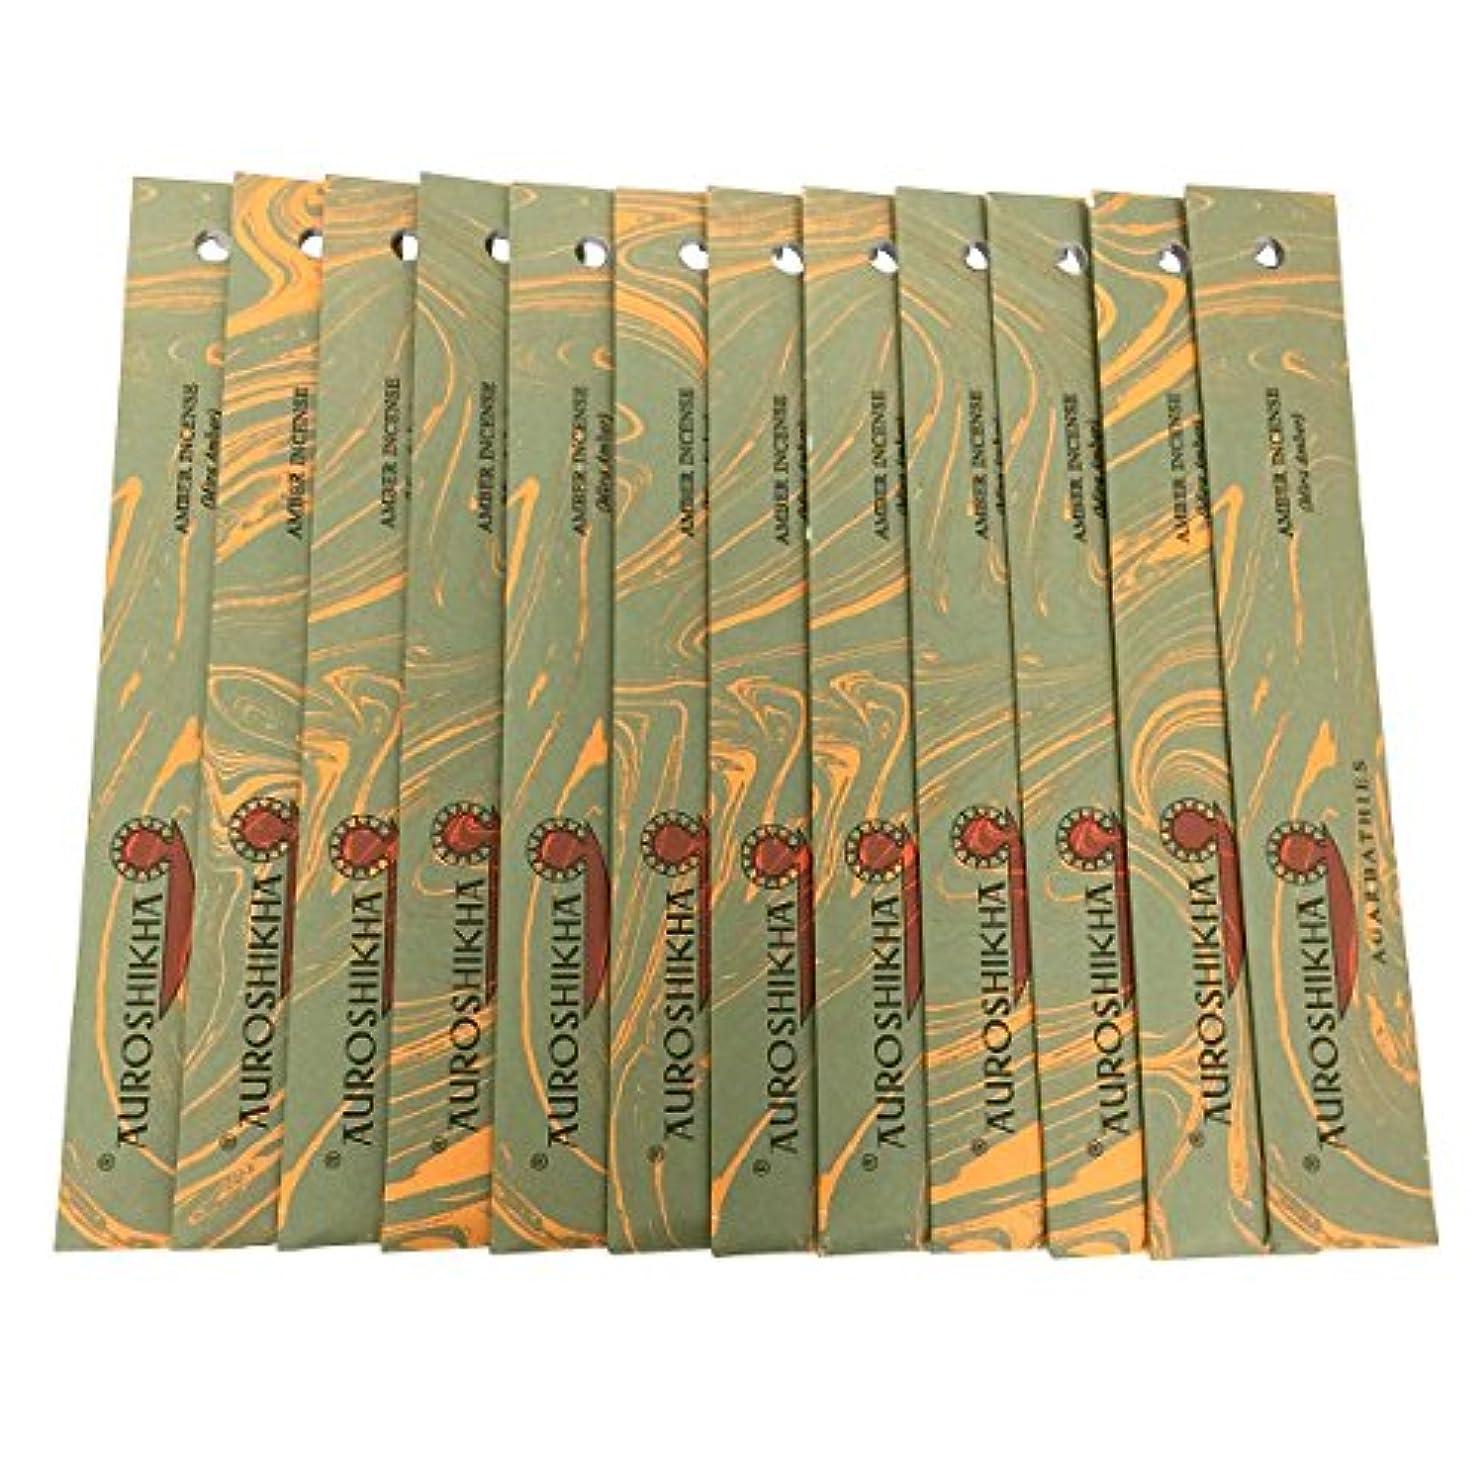 十二おもちゃコモランマAUROSHIKHA オウロシカ(AMBERアンバー12個セット) マーブルパッケージスティック 送料無料